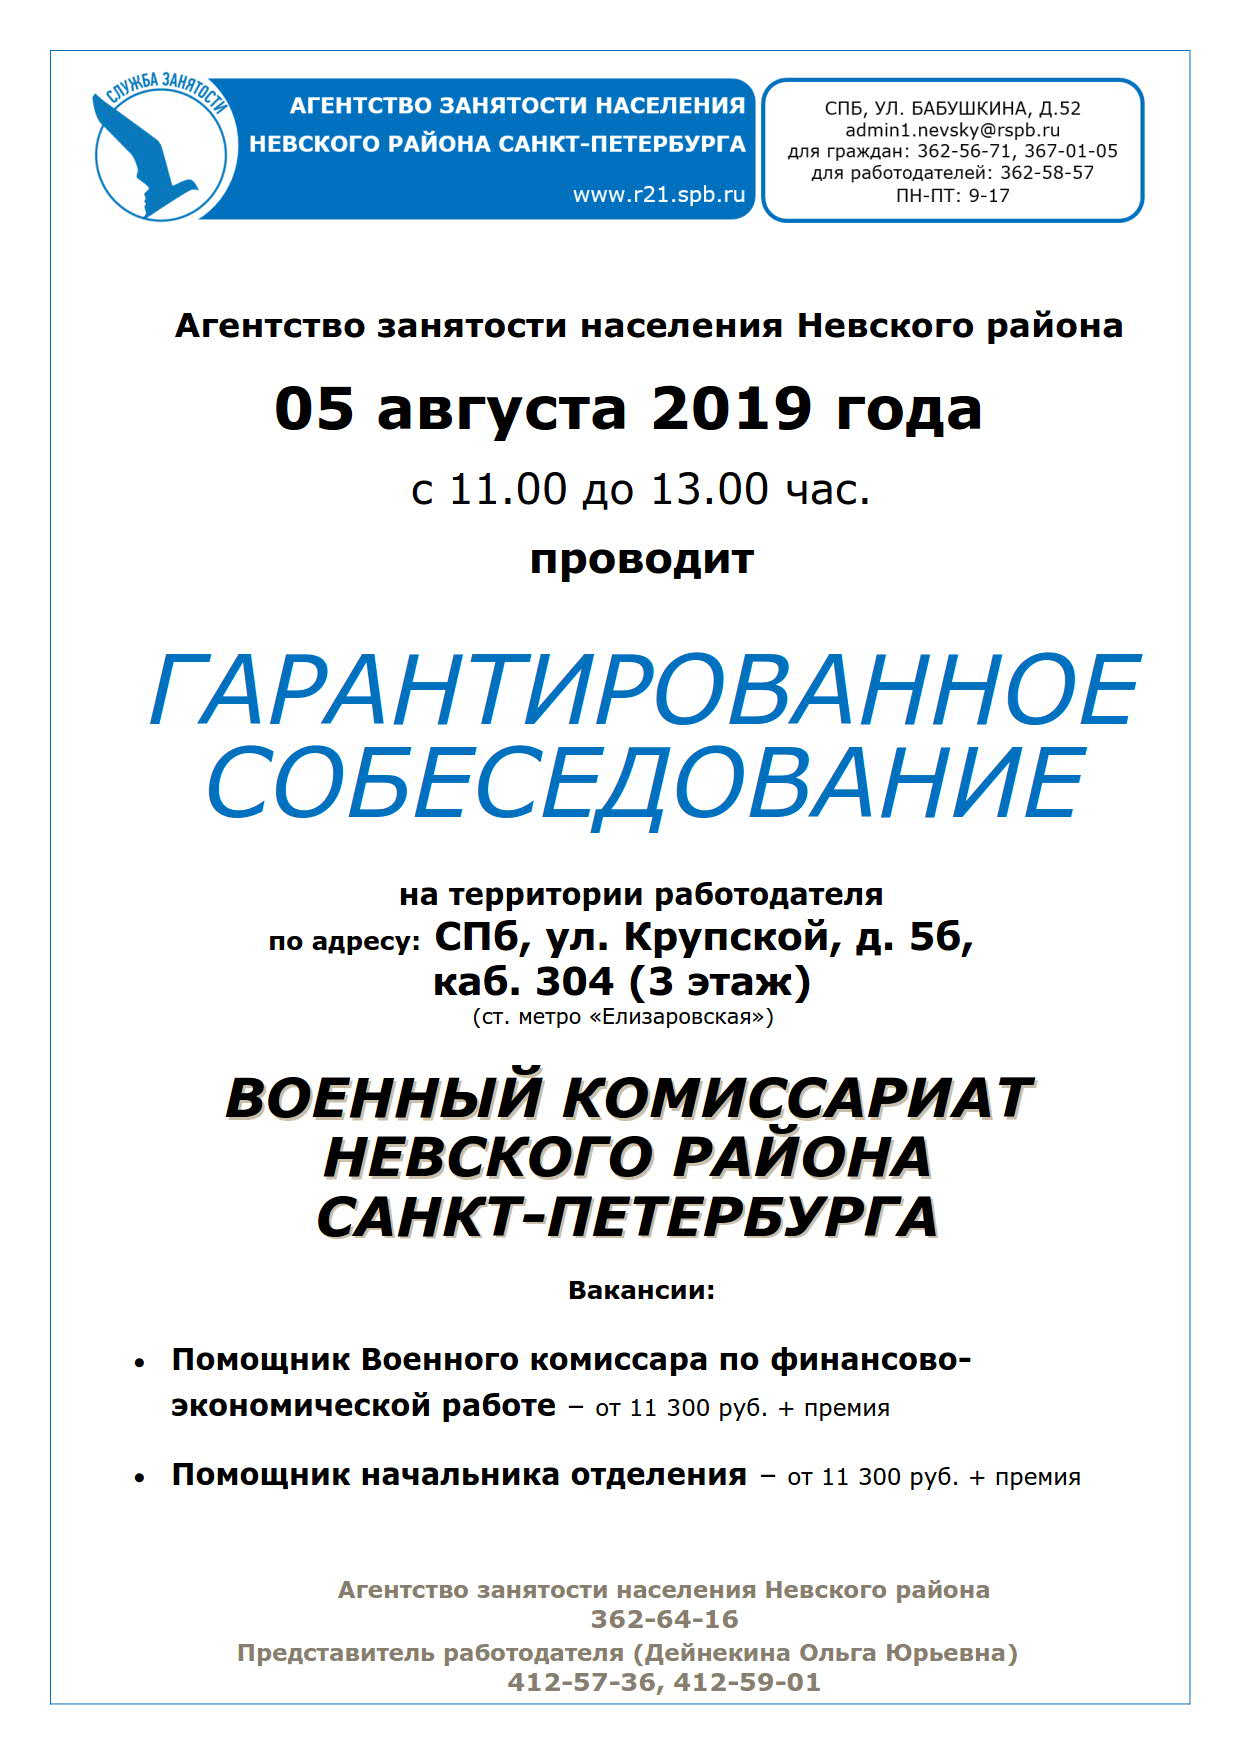 объявление ГС 05.08.2019_1